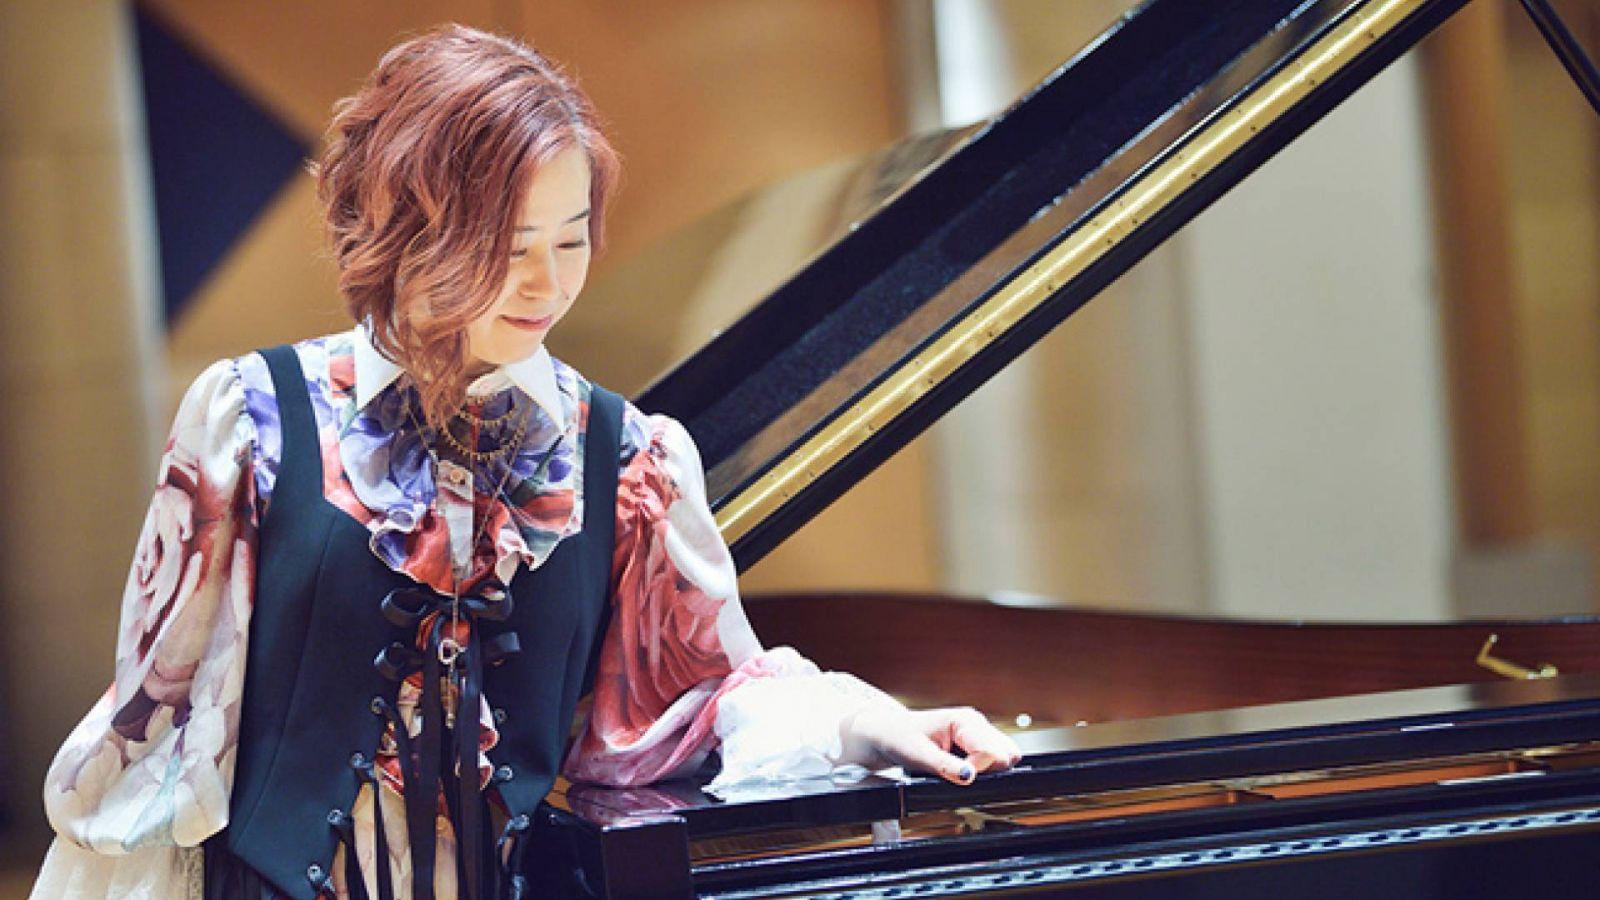 Entrevista con Yuki Kajiura en Anime Expo 2018